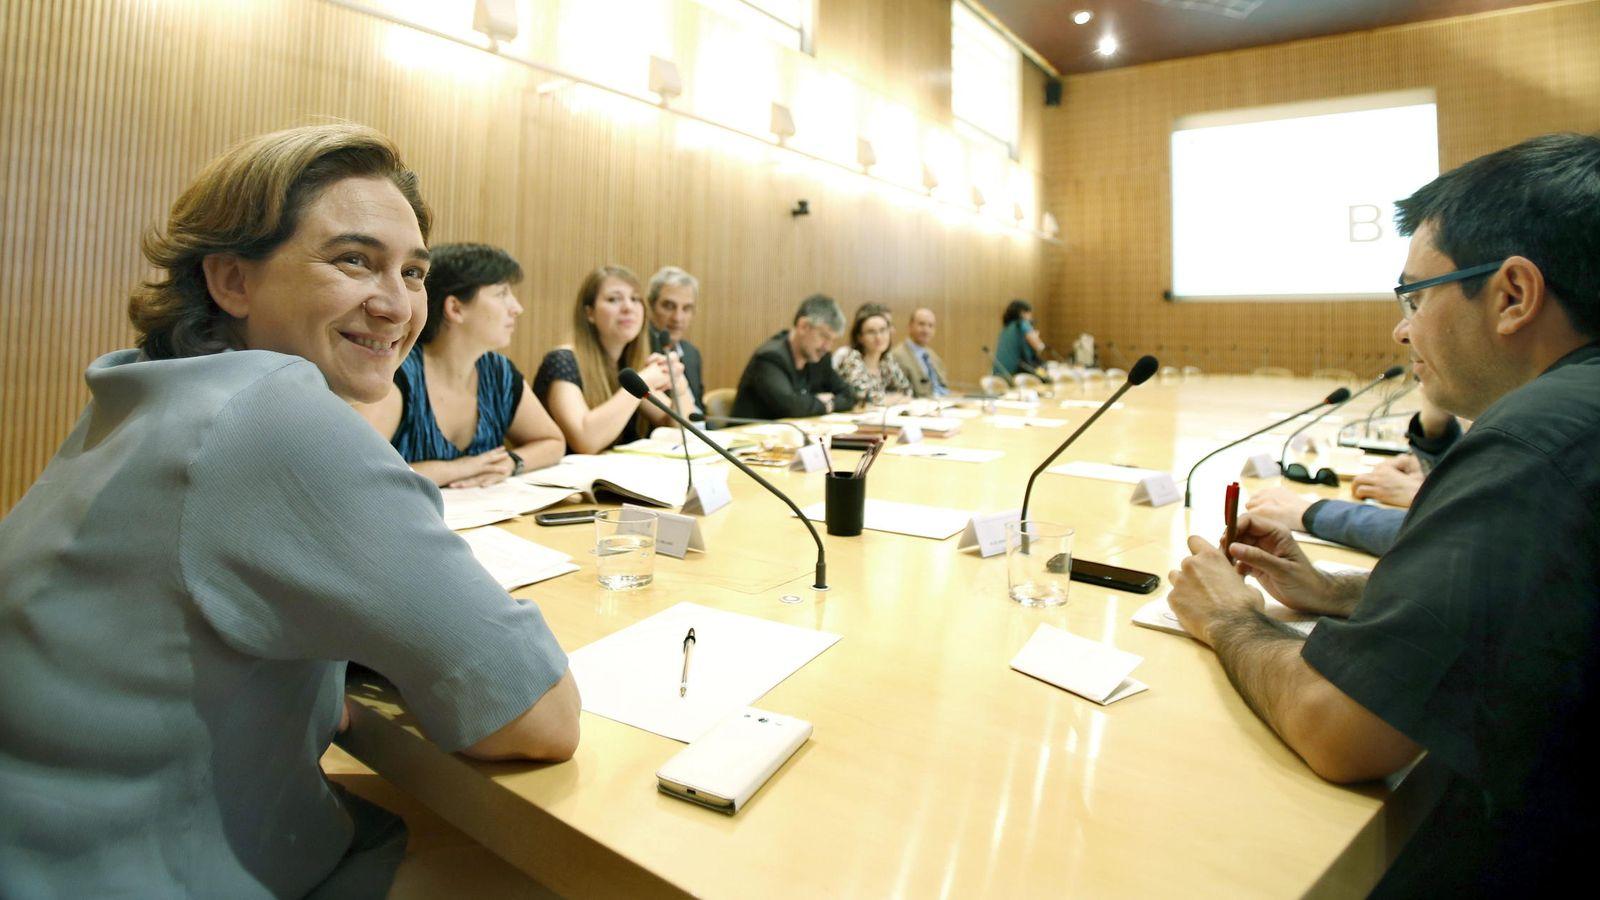 Foto: Laalcaldesa de Barcelona, Ada Colau, junto a varios miembros de su equipo. (Efe)